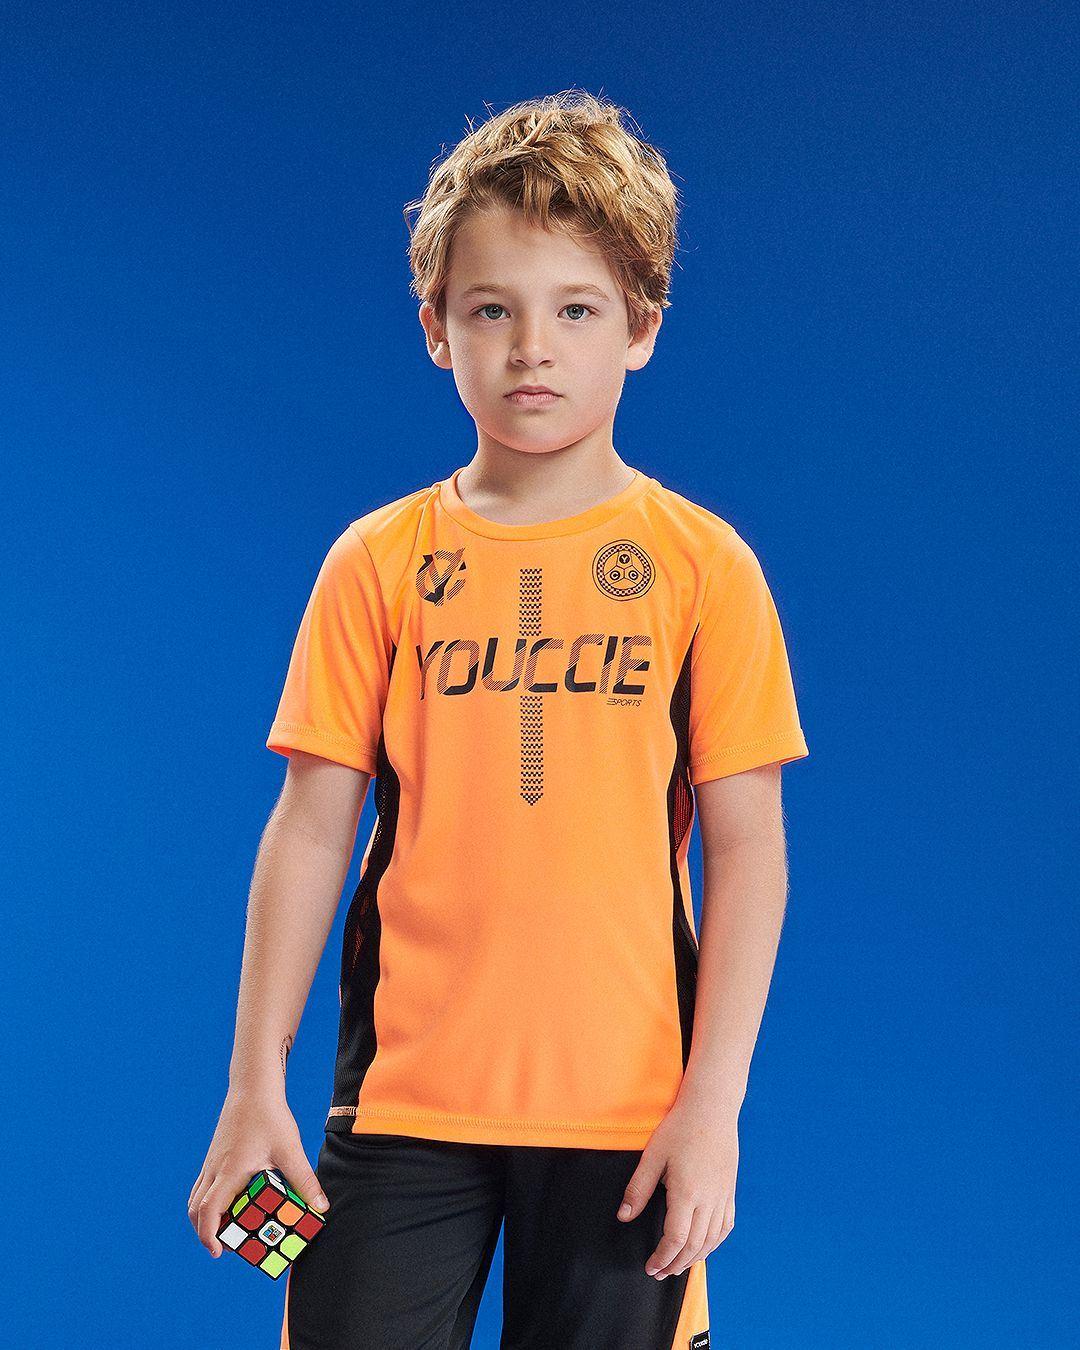 Conjunto Infantil Blusa E Calça Active Esporte Laranja Neon Youccie